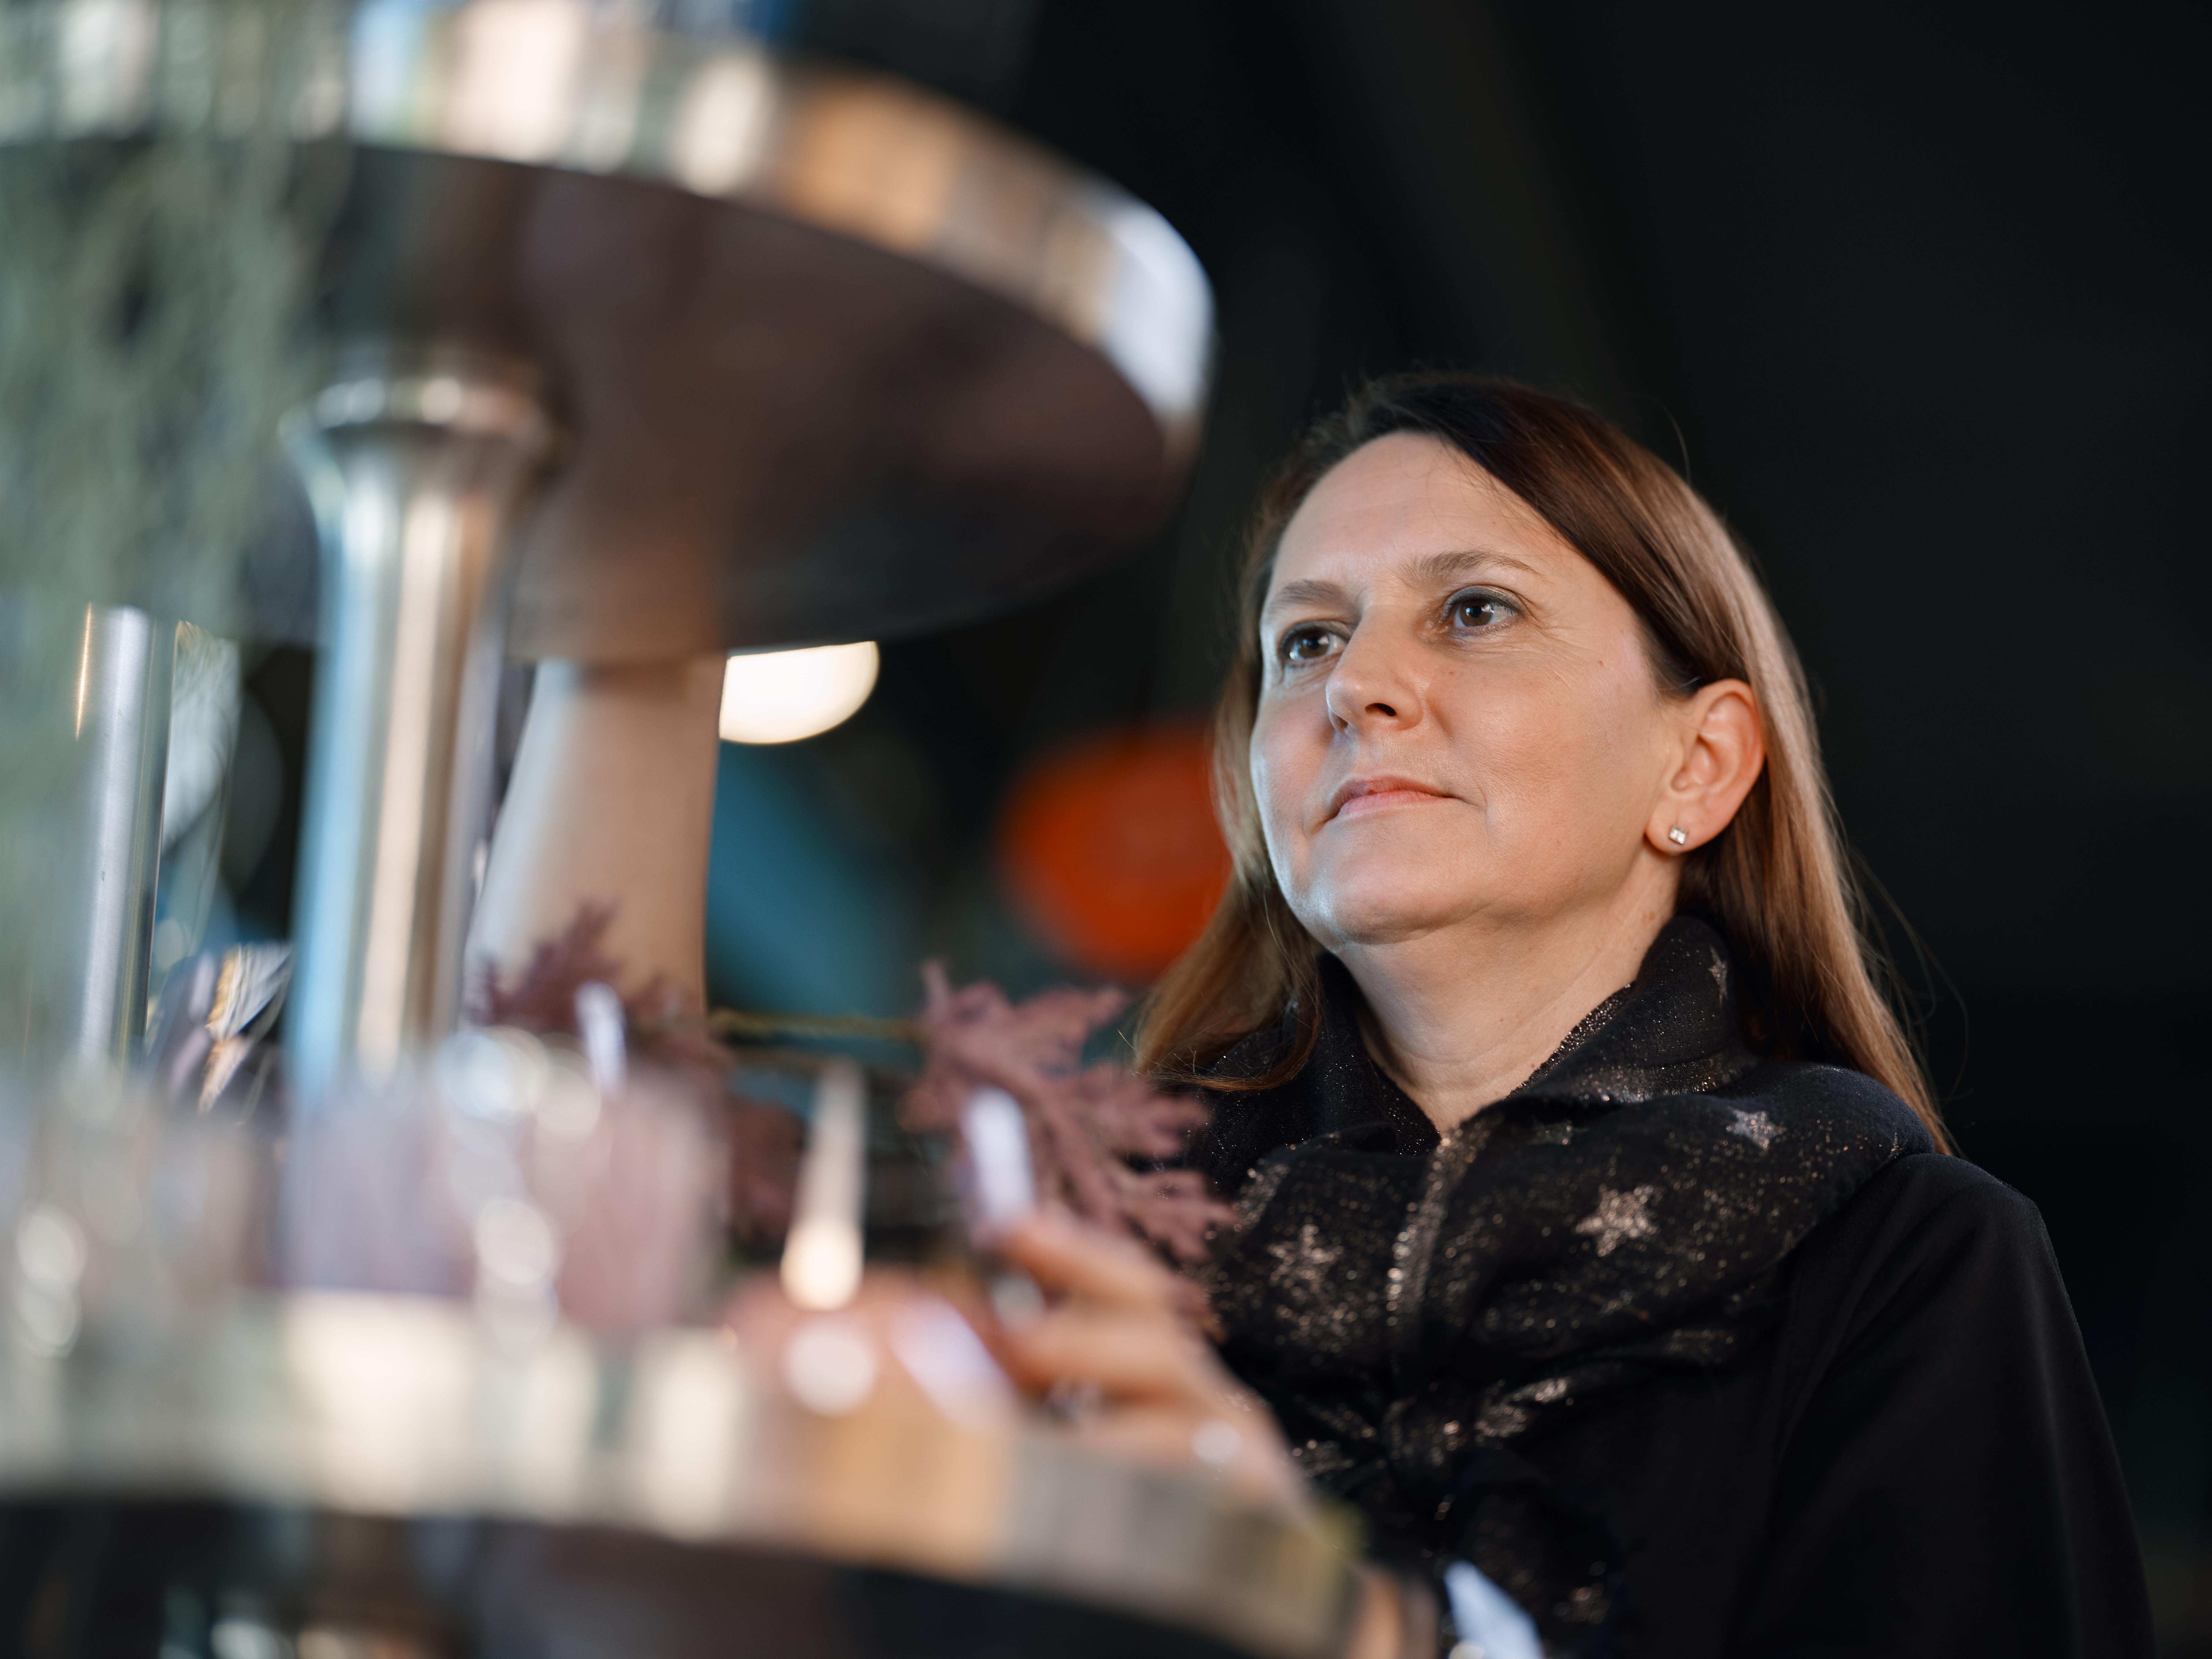 Myriam Stettler arrangiert die Ausstellung in ihrem Laden